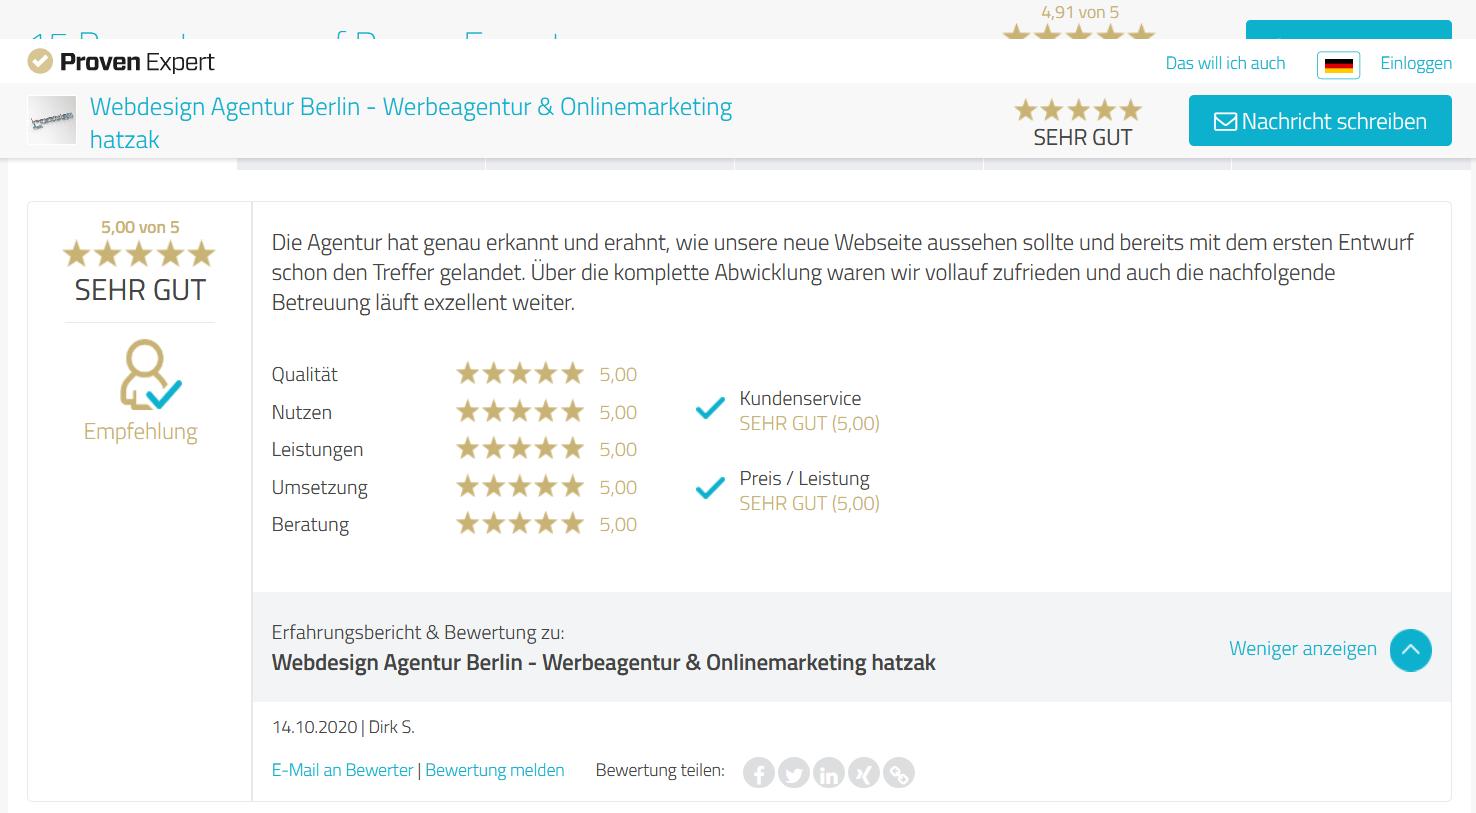 Proven Expert - WordPress Webdesign Berlin - BSS Baumaschinen